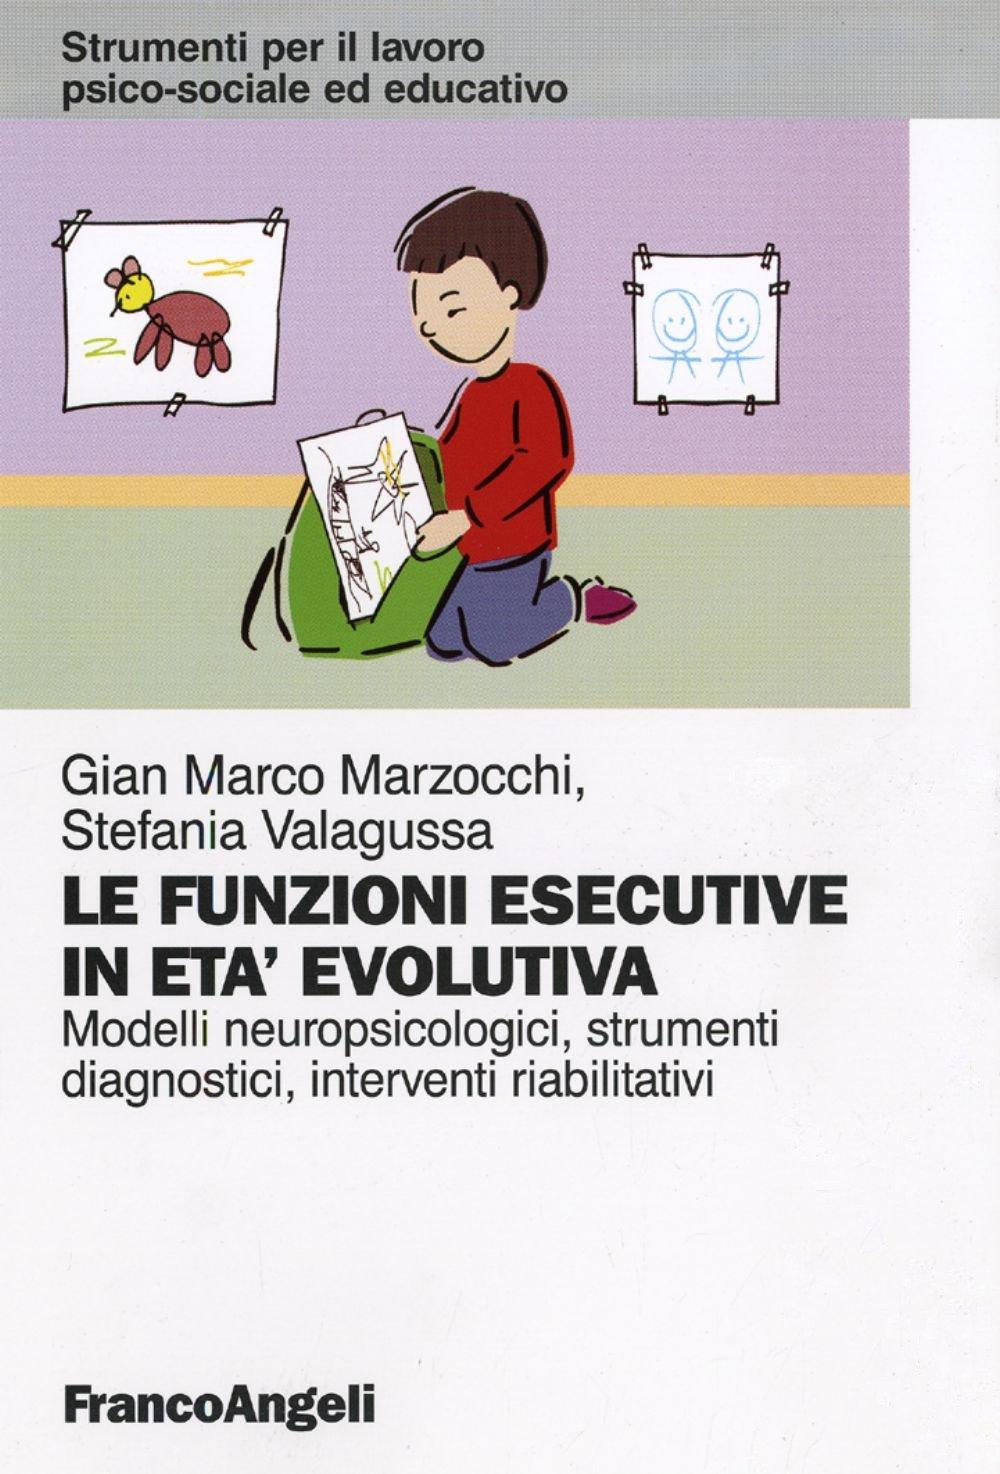 Le funzioni esecutive in età evolutiva. Modelli neuropsicologici, strumenti diagnostici, interventi riabilitativi.